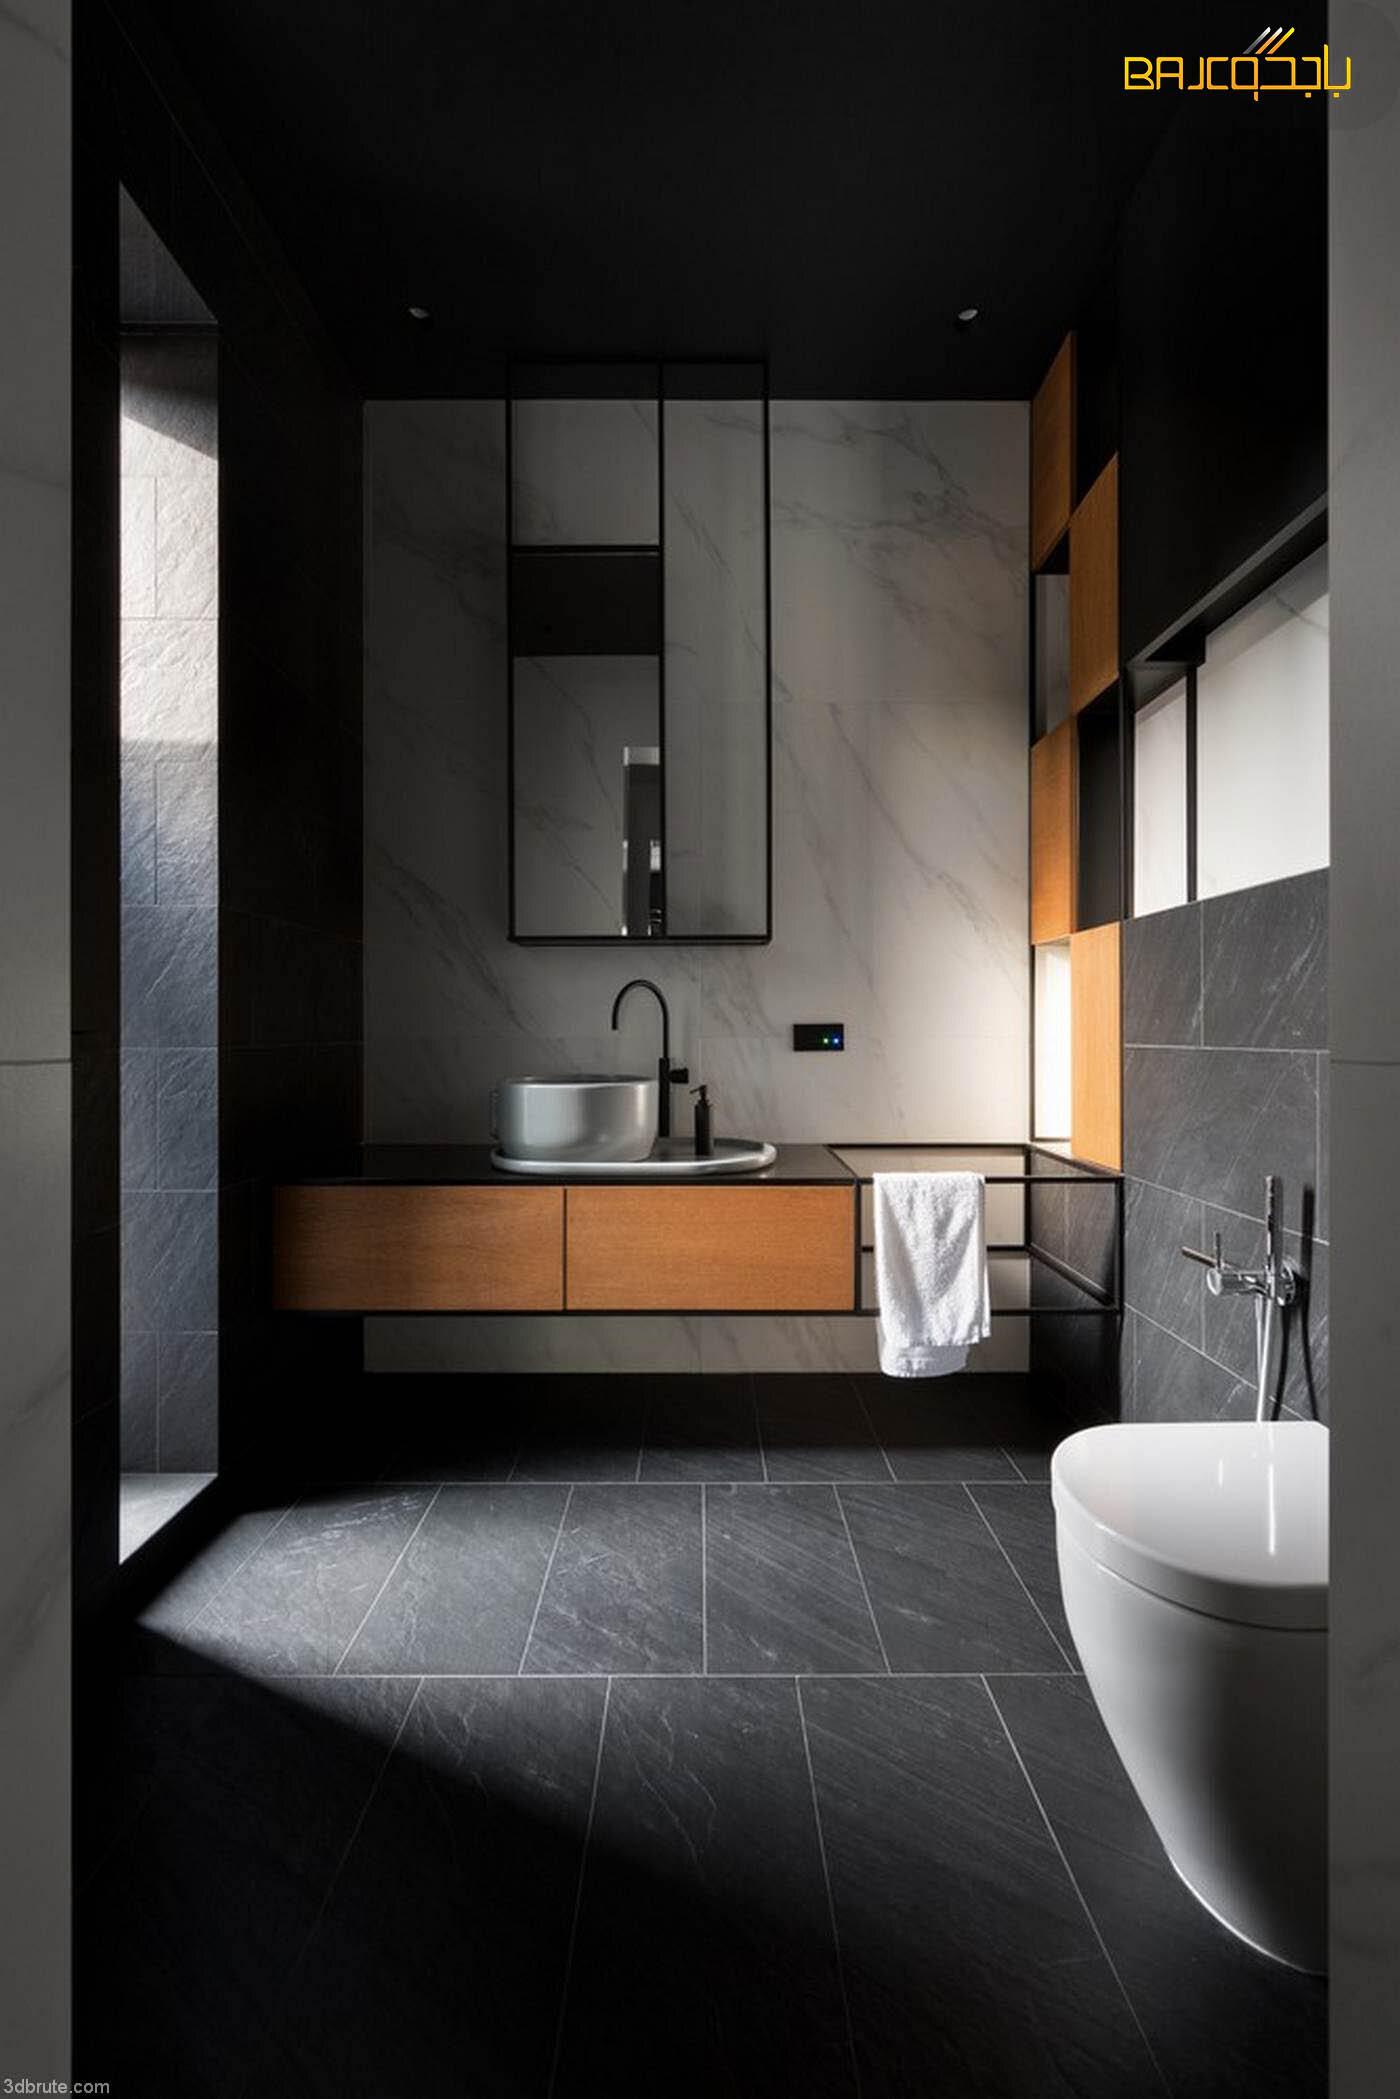 مغسلة داخل الحمام مع خشب